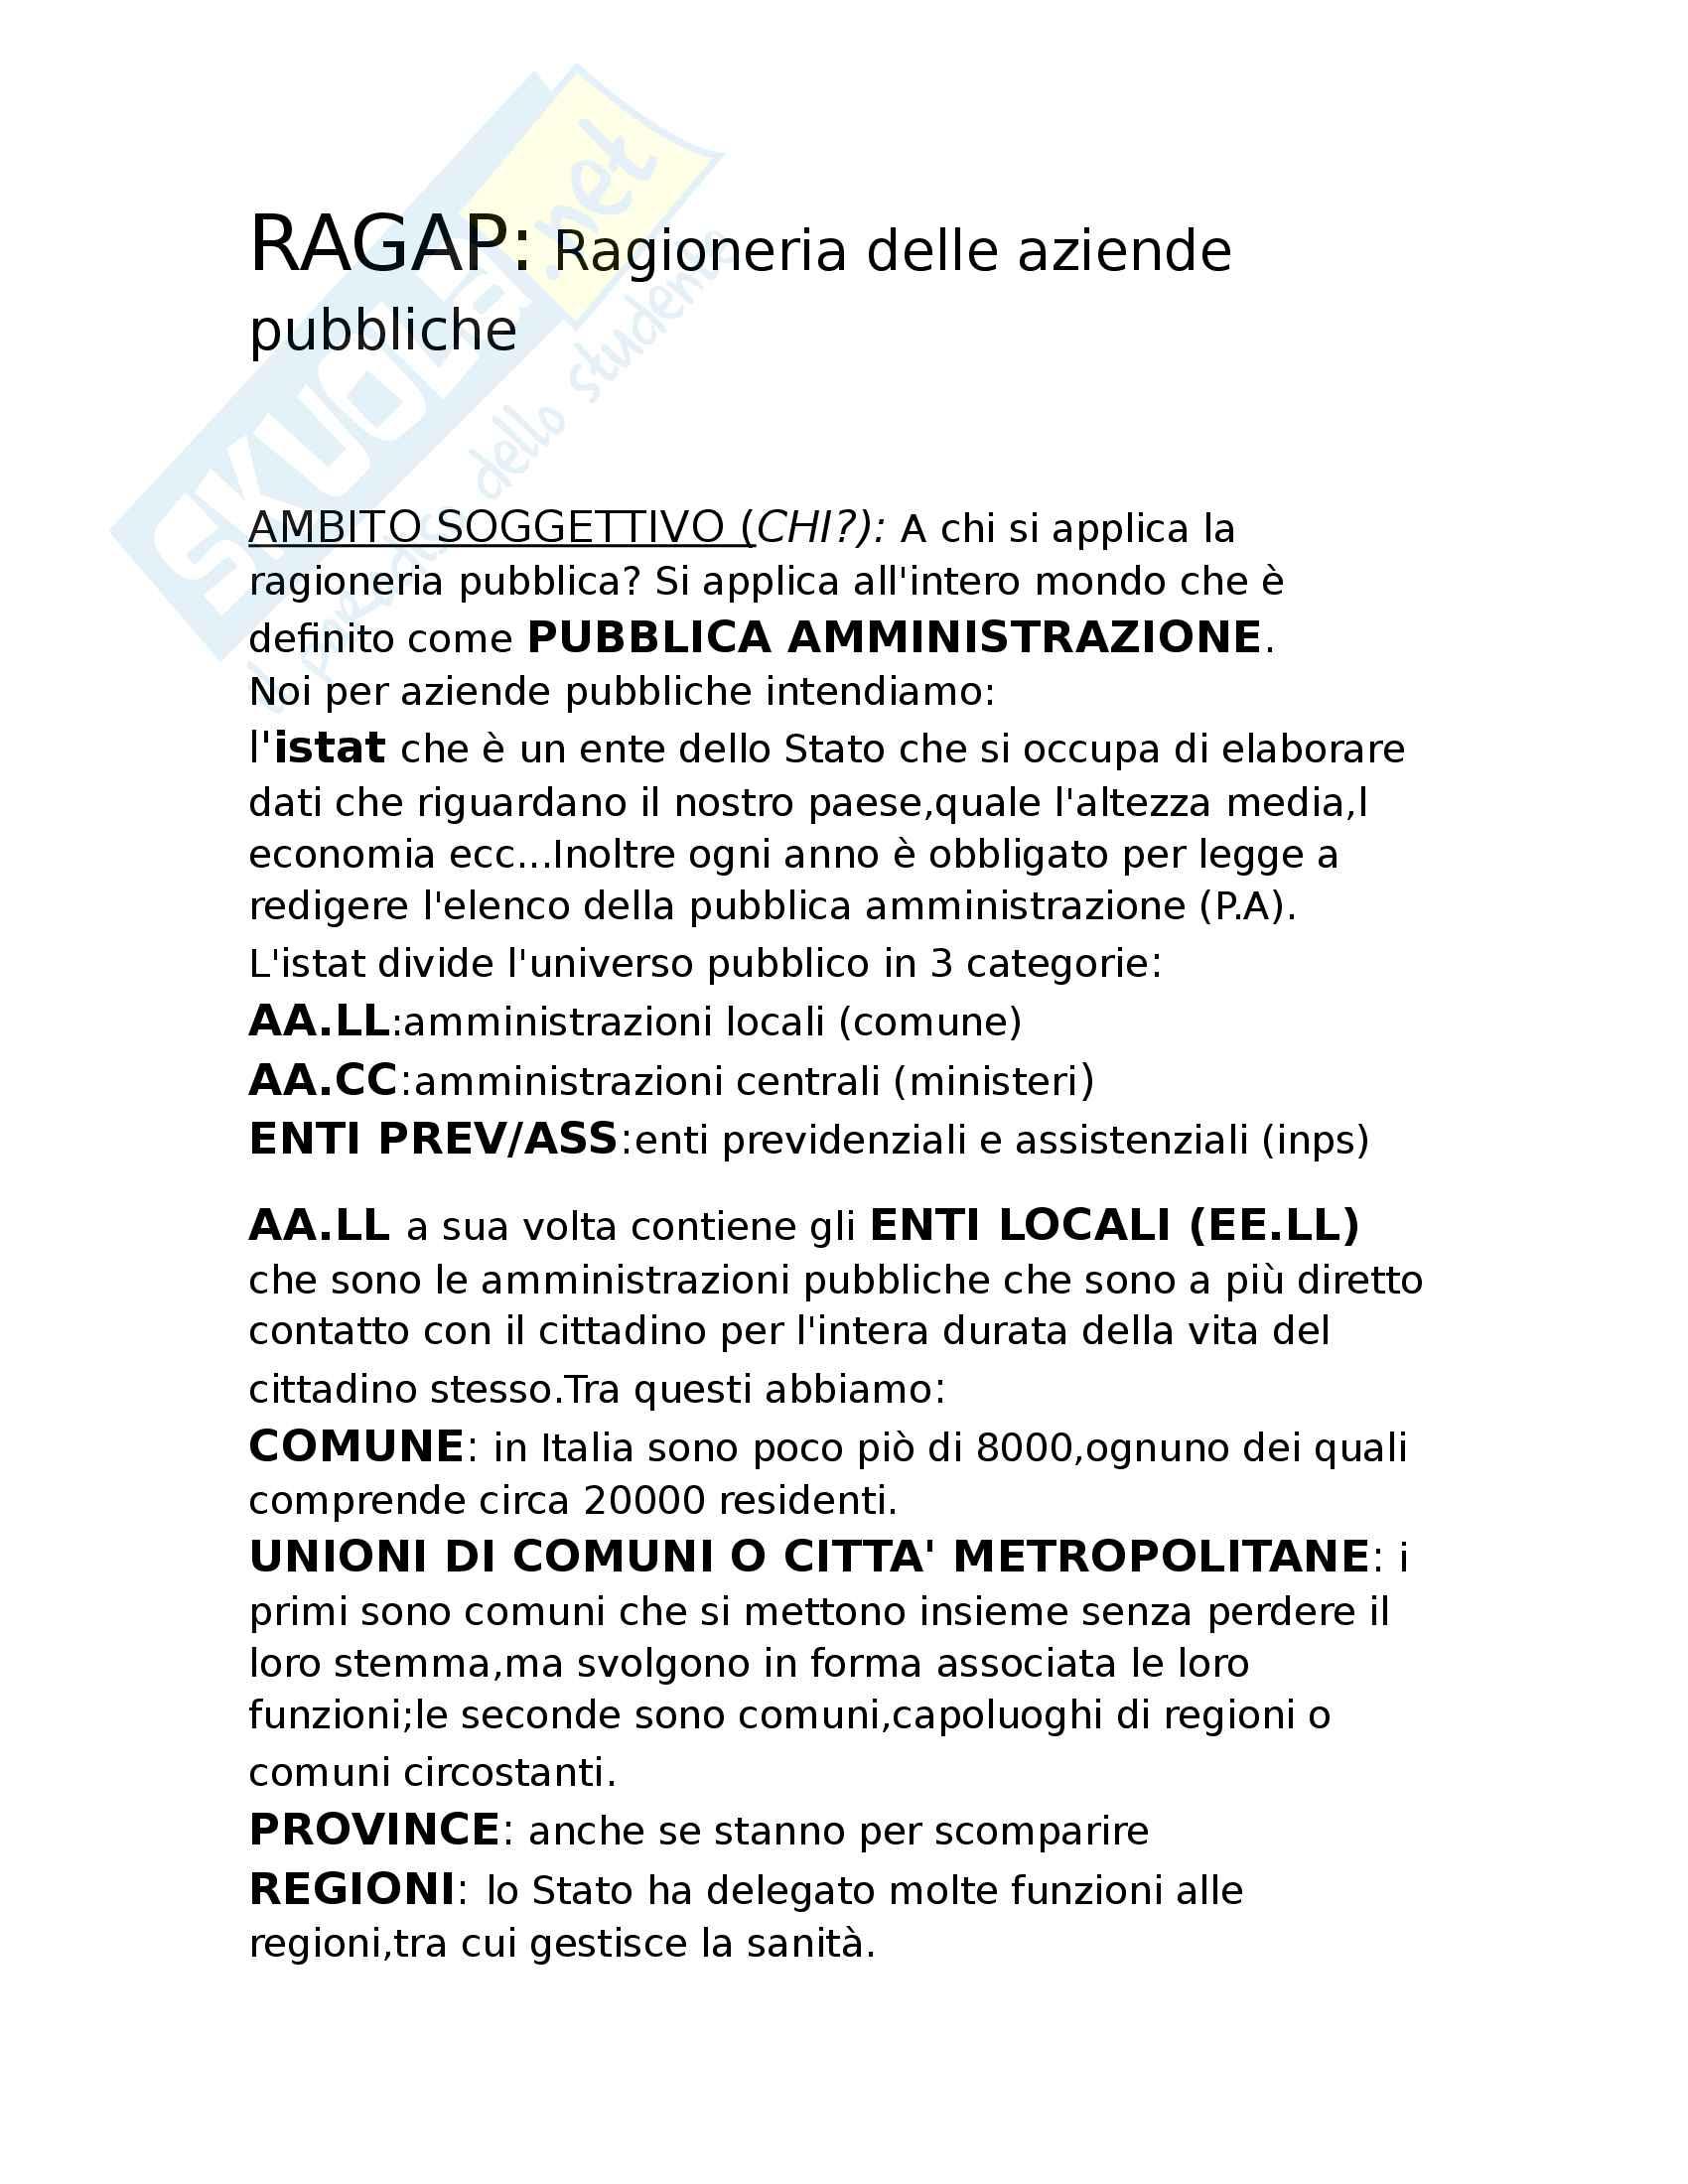 RAGAP (ragioneria delle aziende pubbliche)